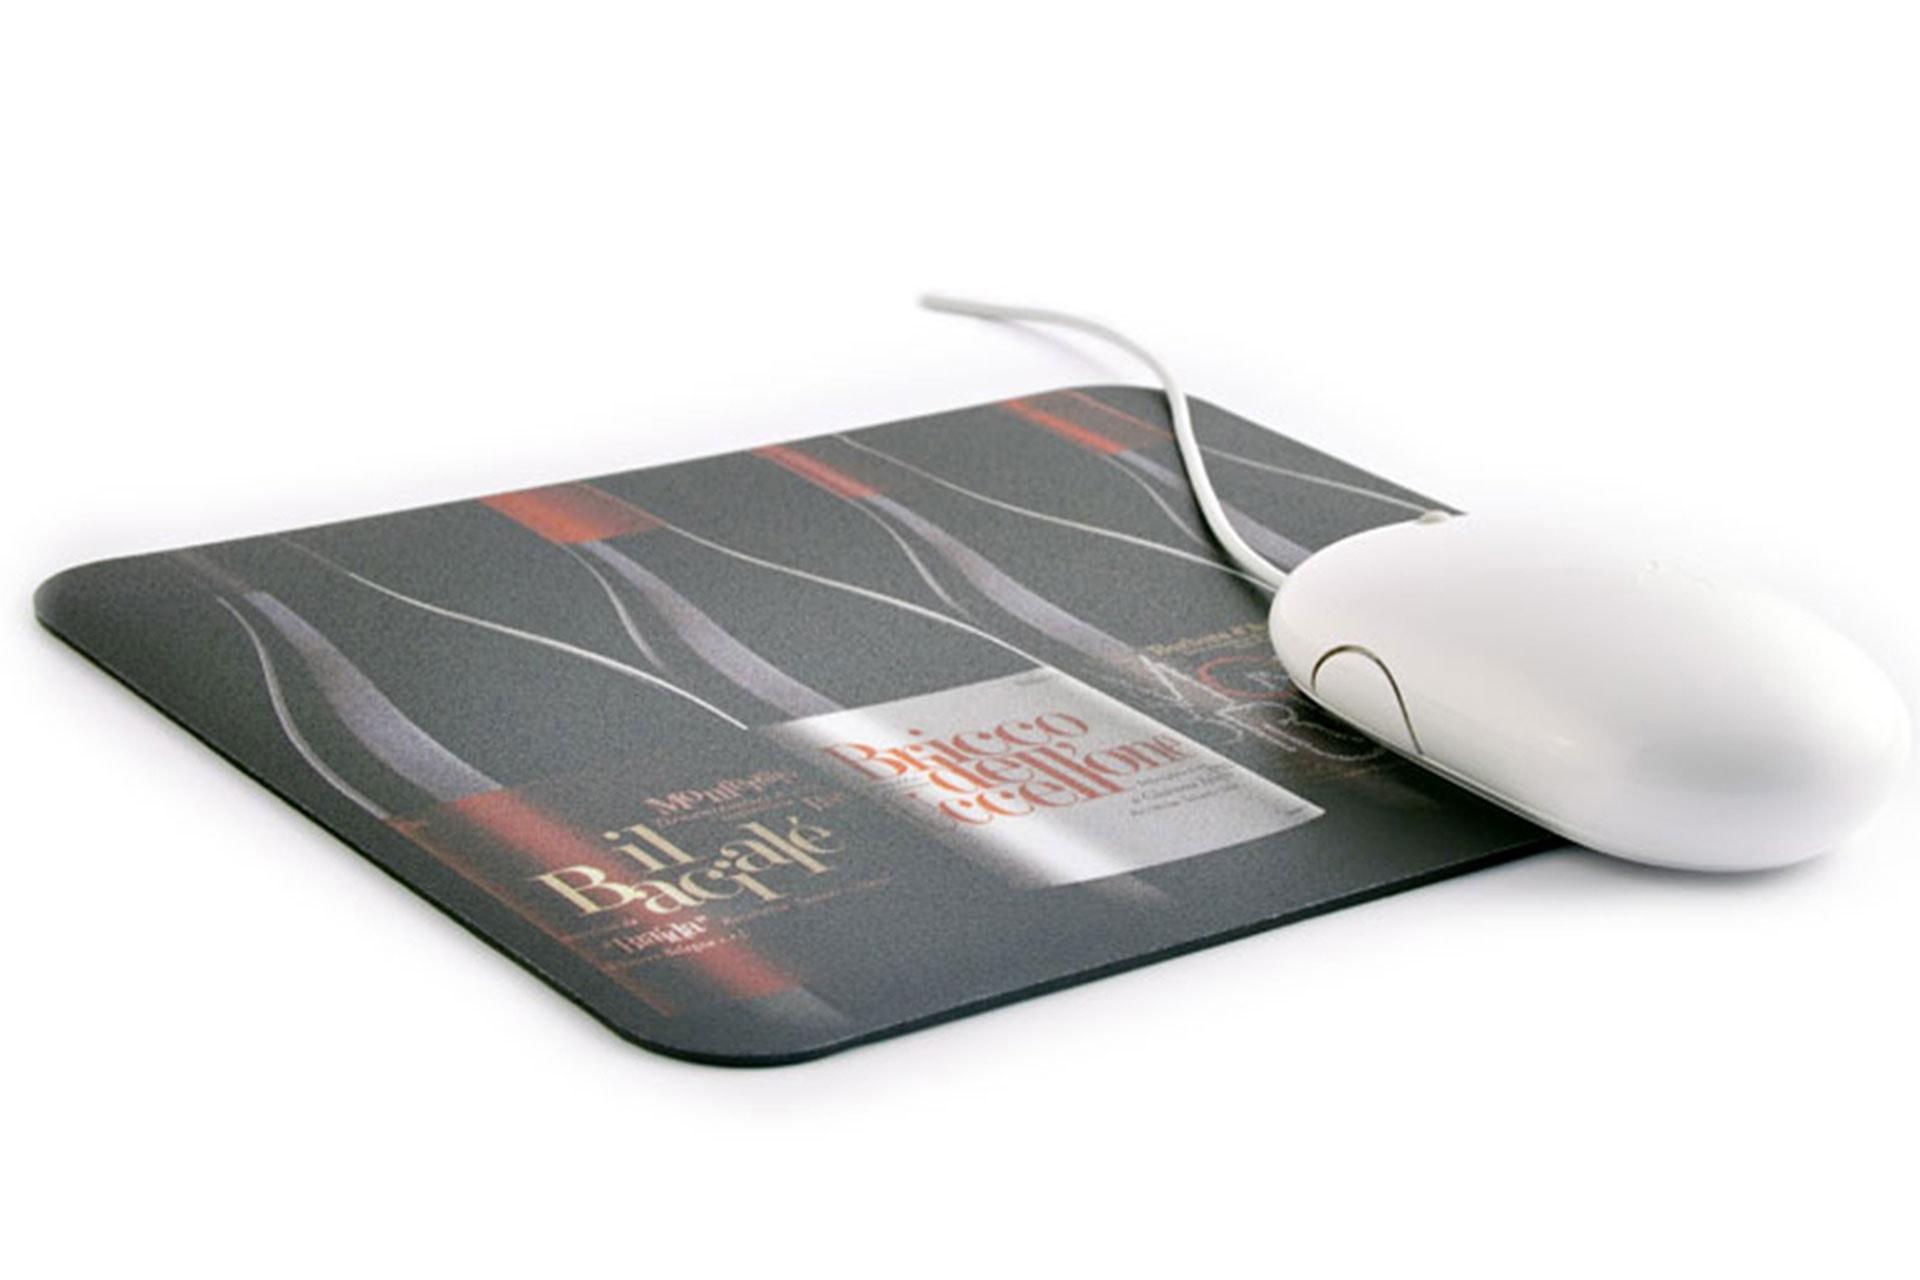 Tappetini per il mouse classici